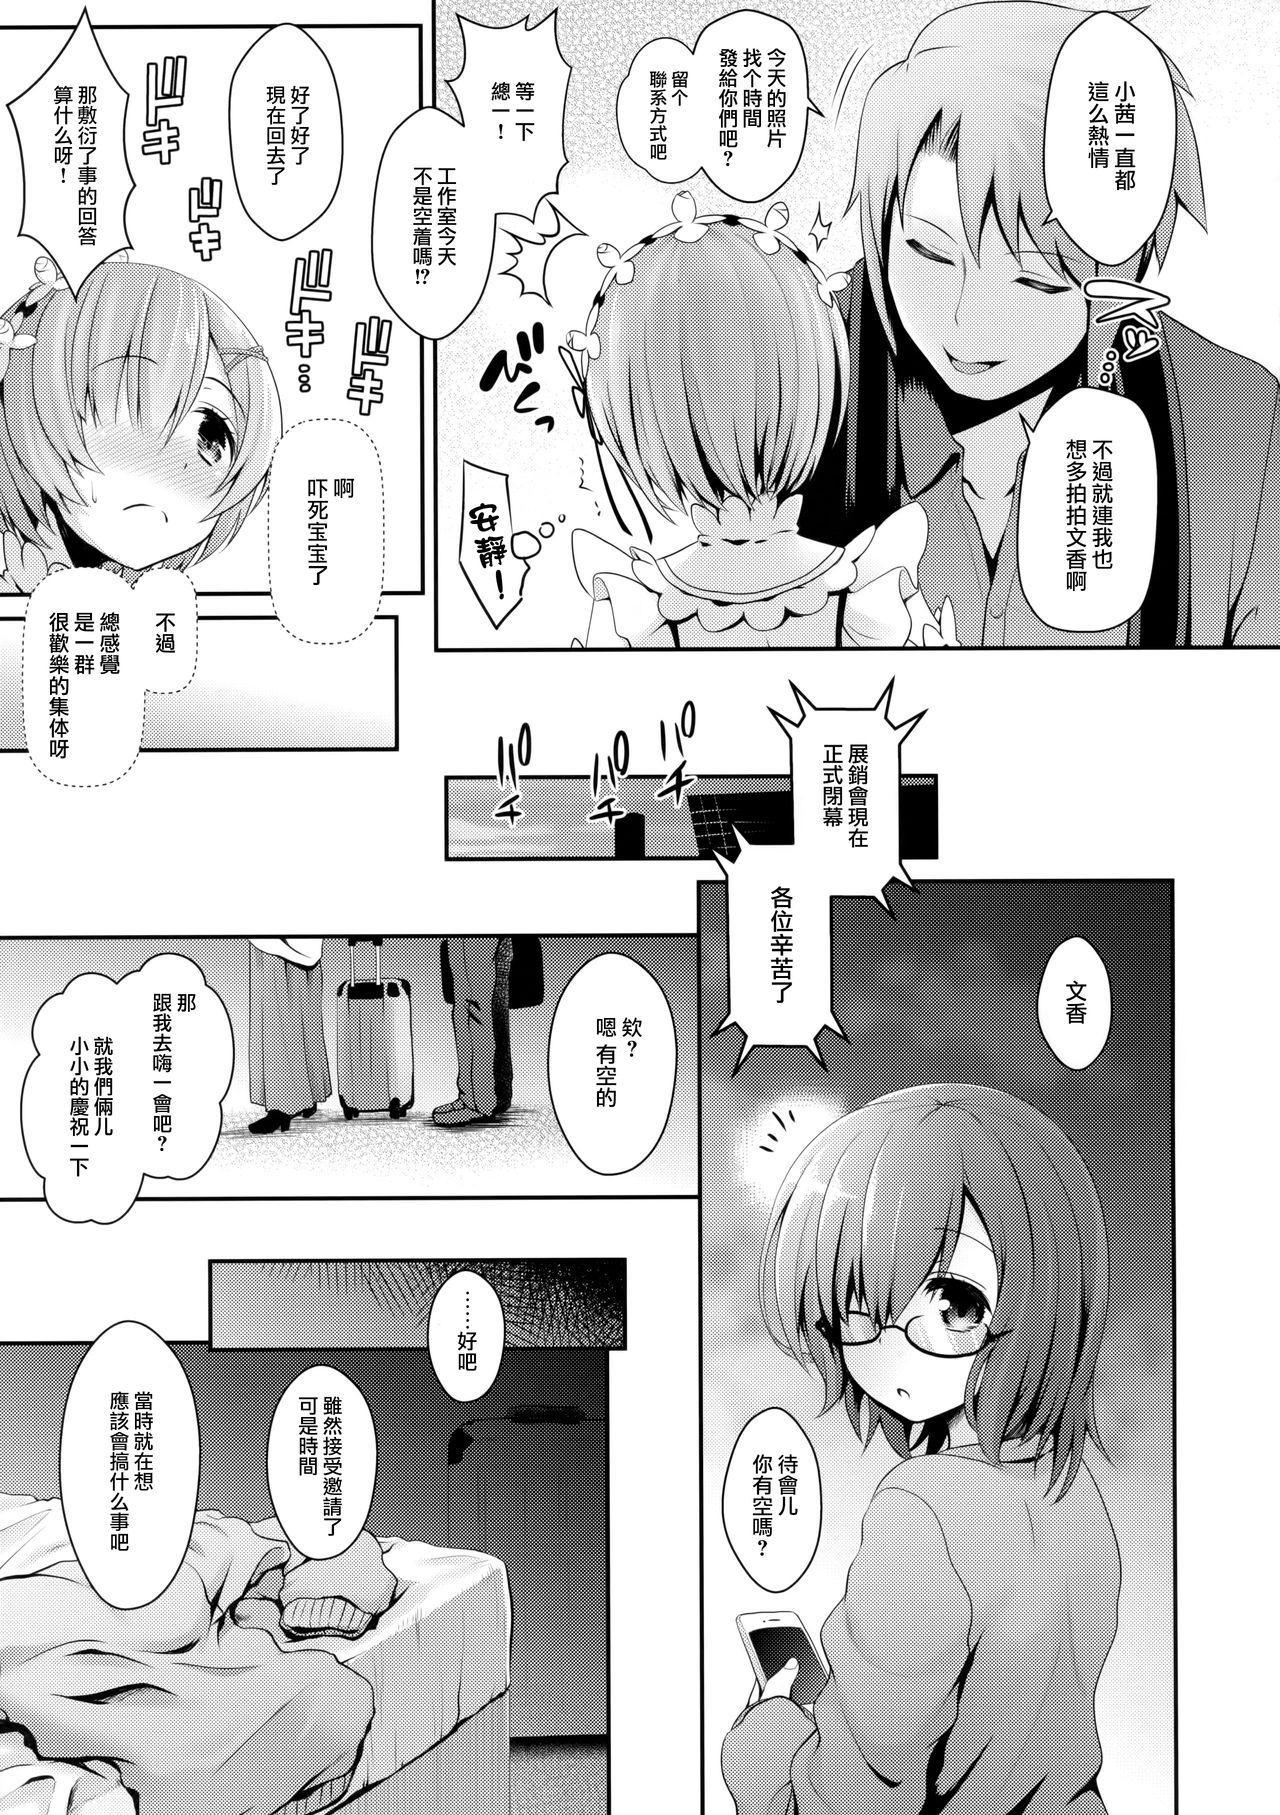 Zero kara Hajimeru Cosplay Seikatsu 7